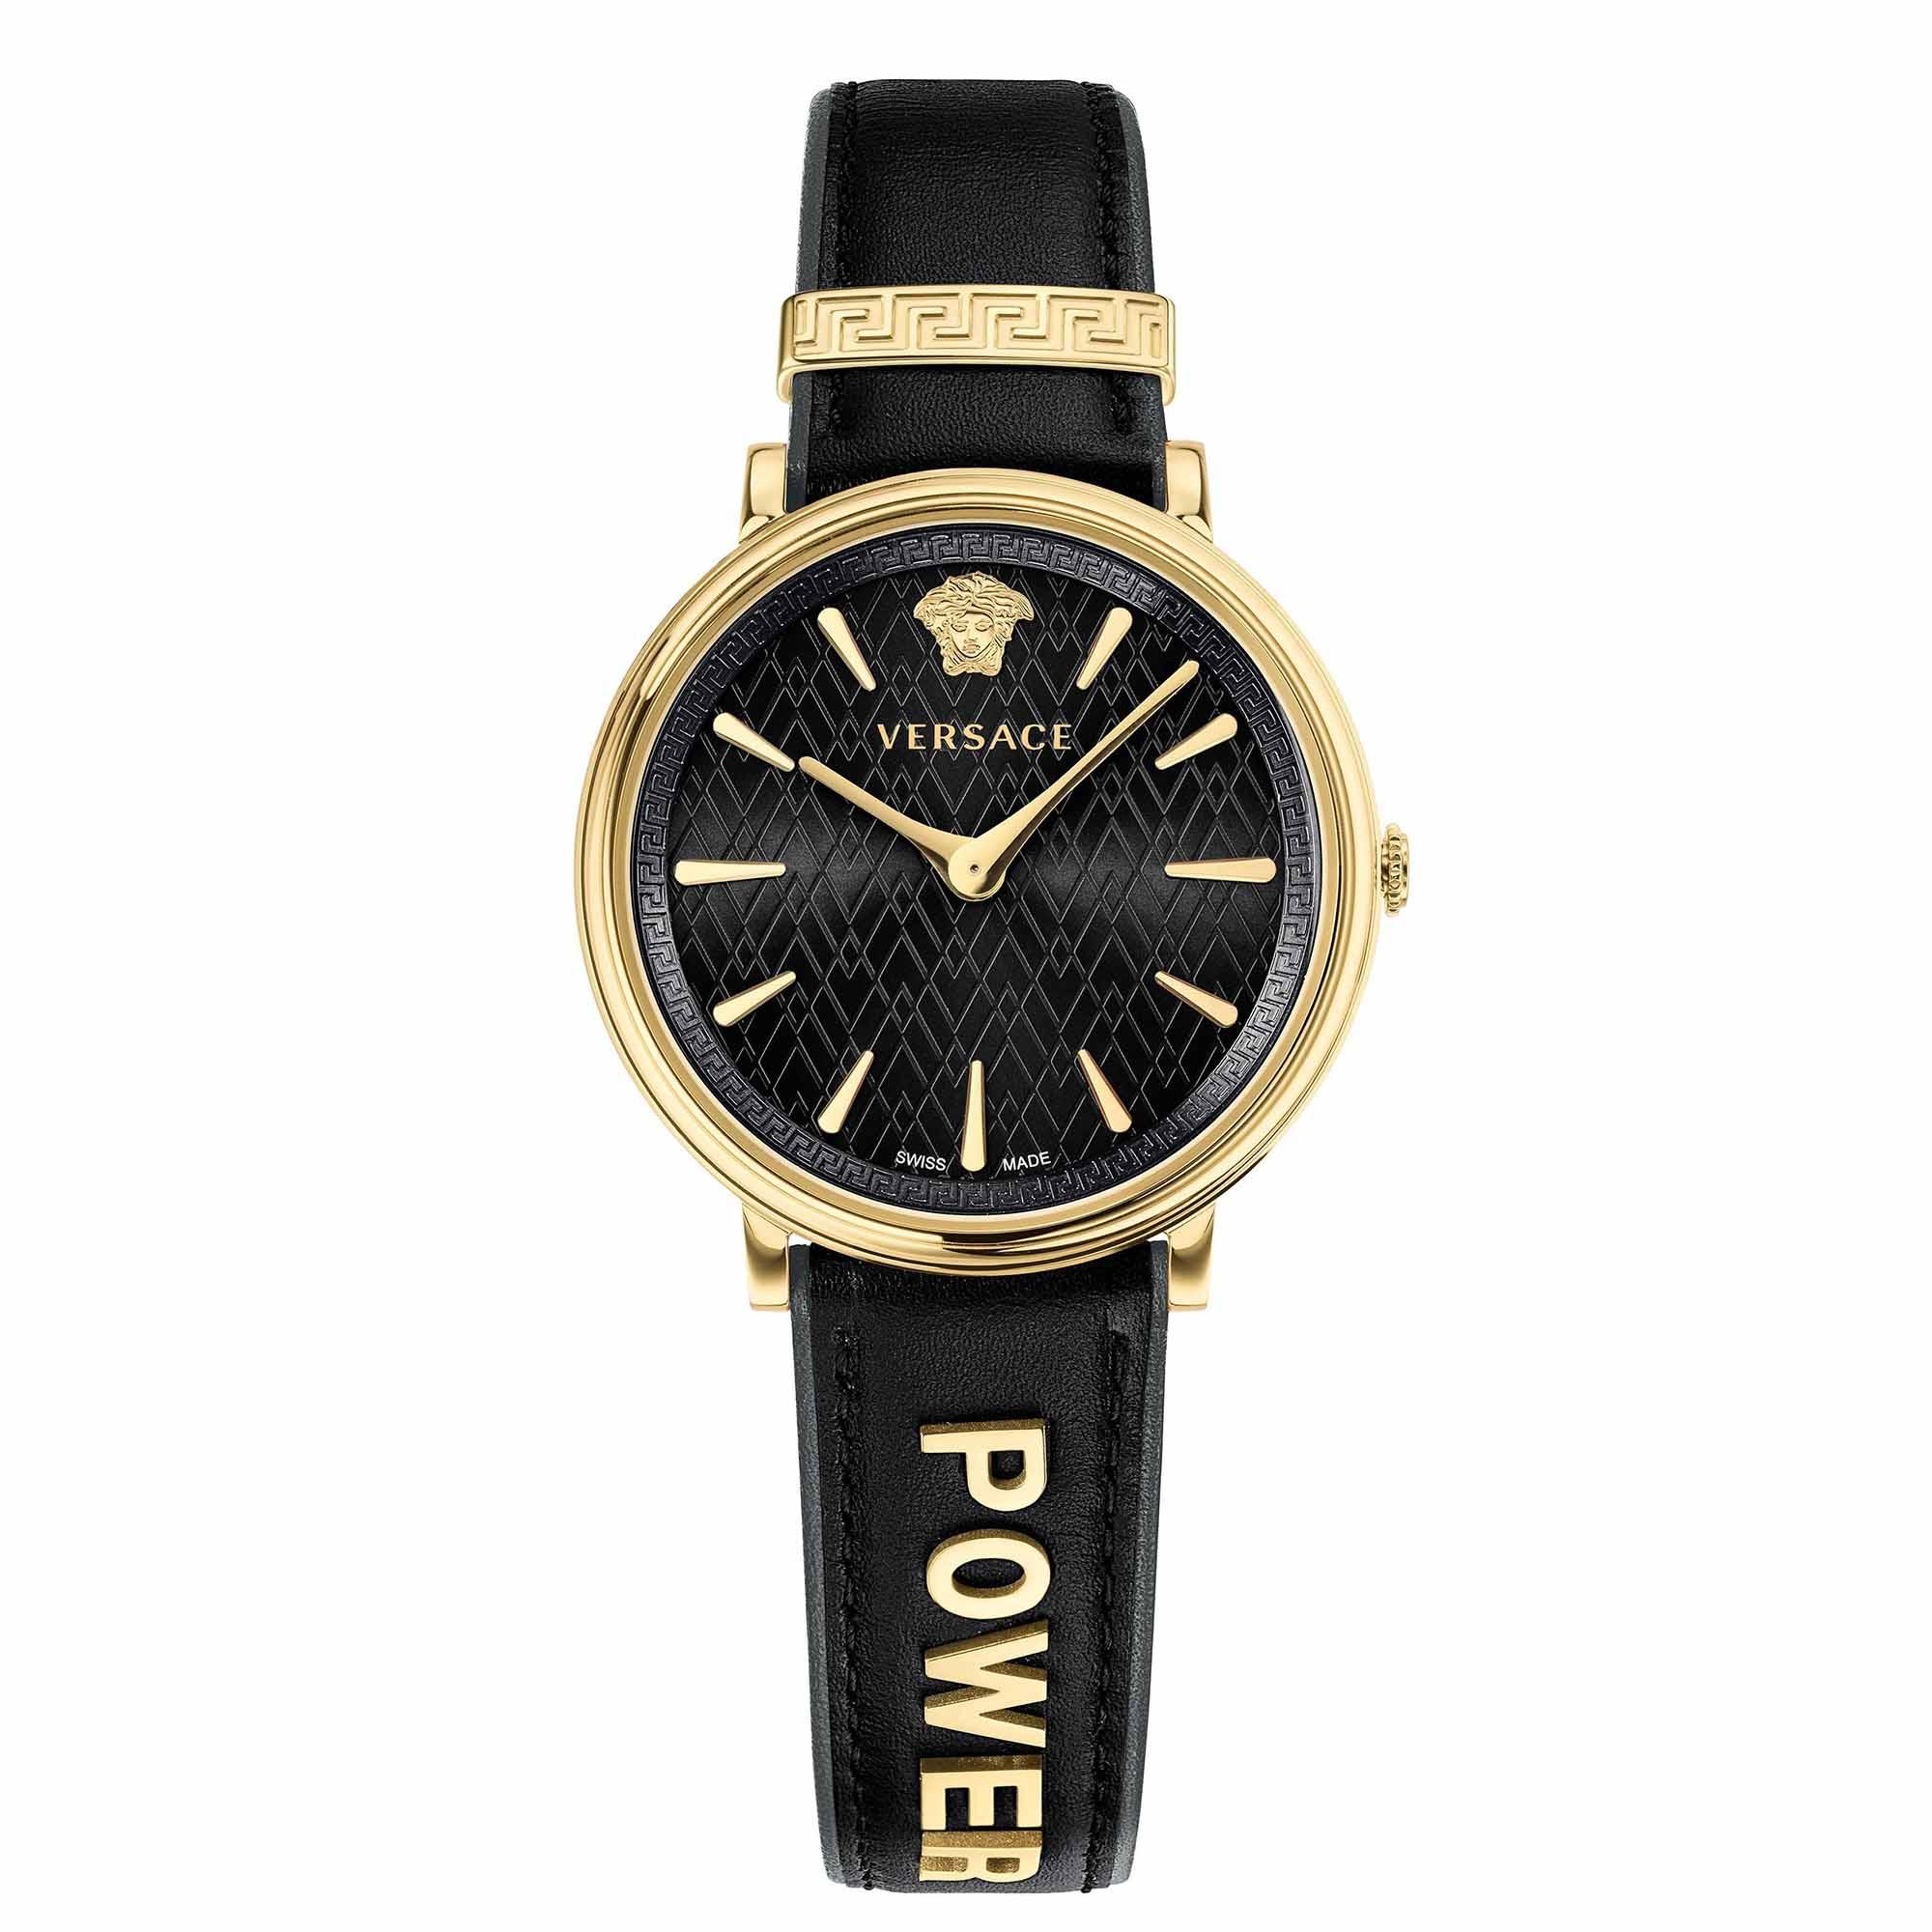 خرید ساعت مچی عقربه ای زنانه ورساچه مدل VBP040017